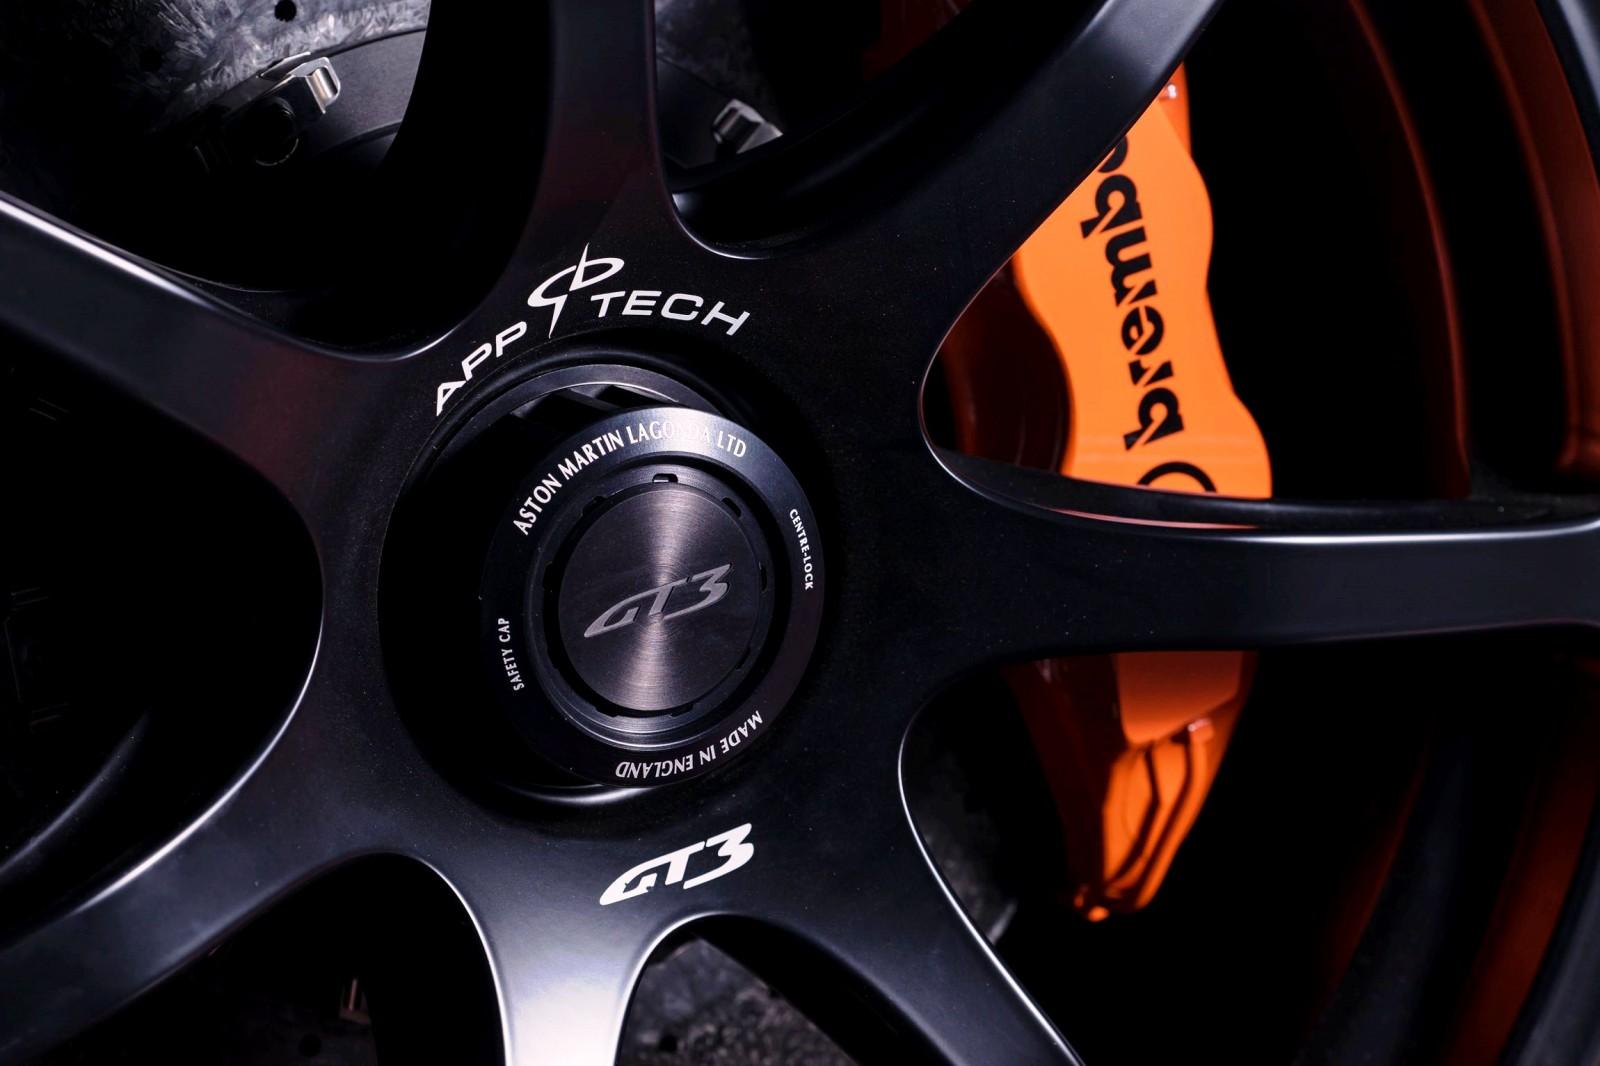 2015 Aston Martin VANTAGE GT3 28